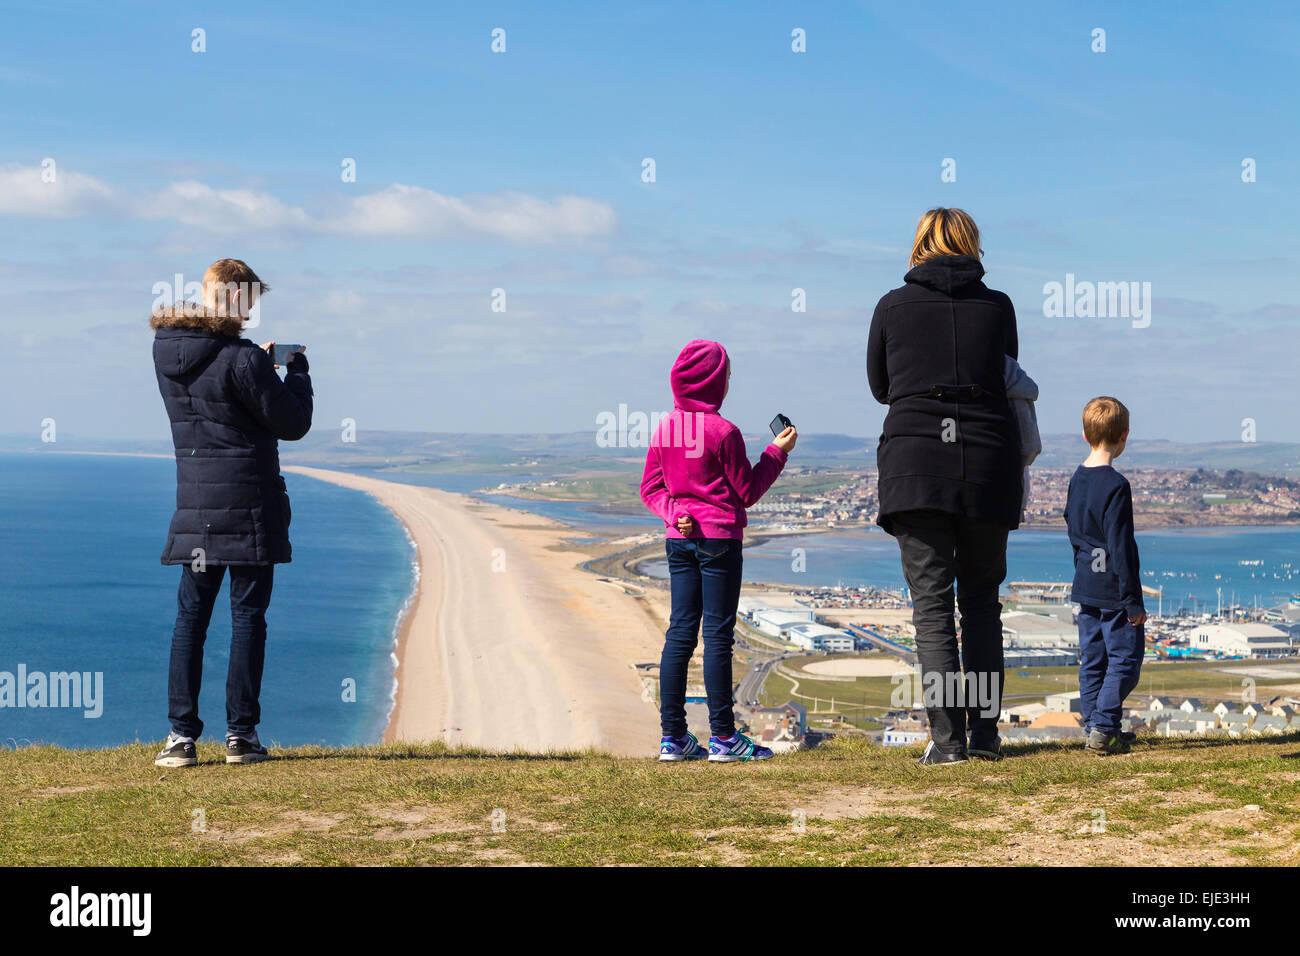 Une famille allemande prennent des photos et profiter de la vue donnant sur le port de Portland et plage de Chesil Photo Stock